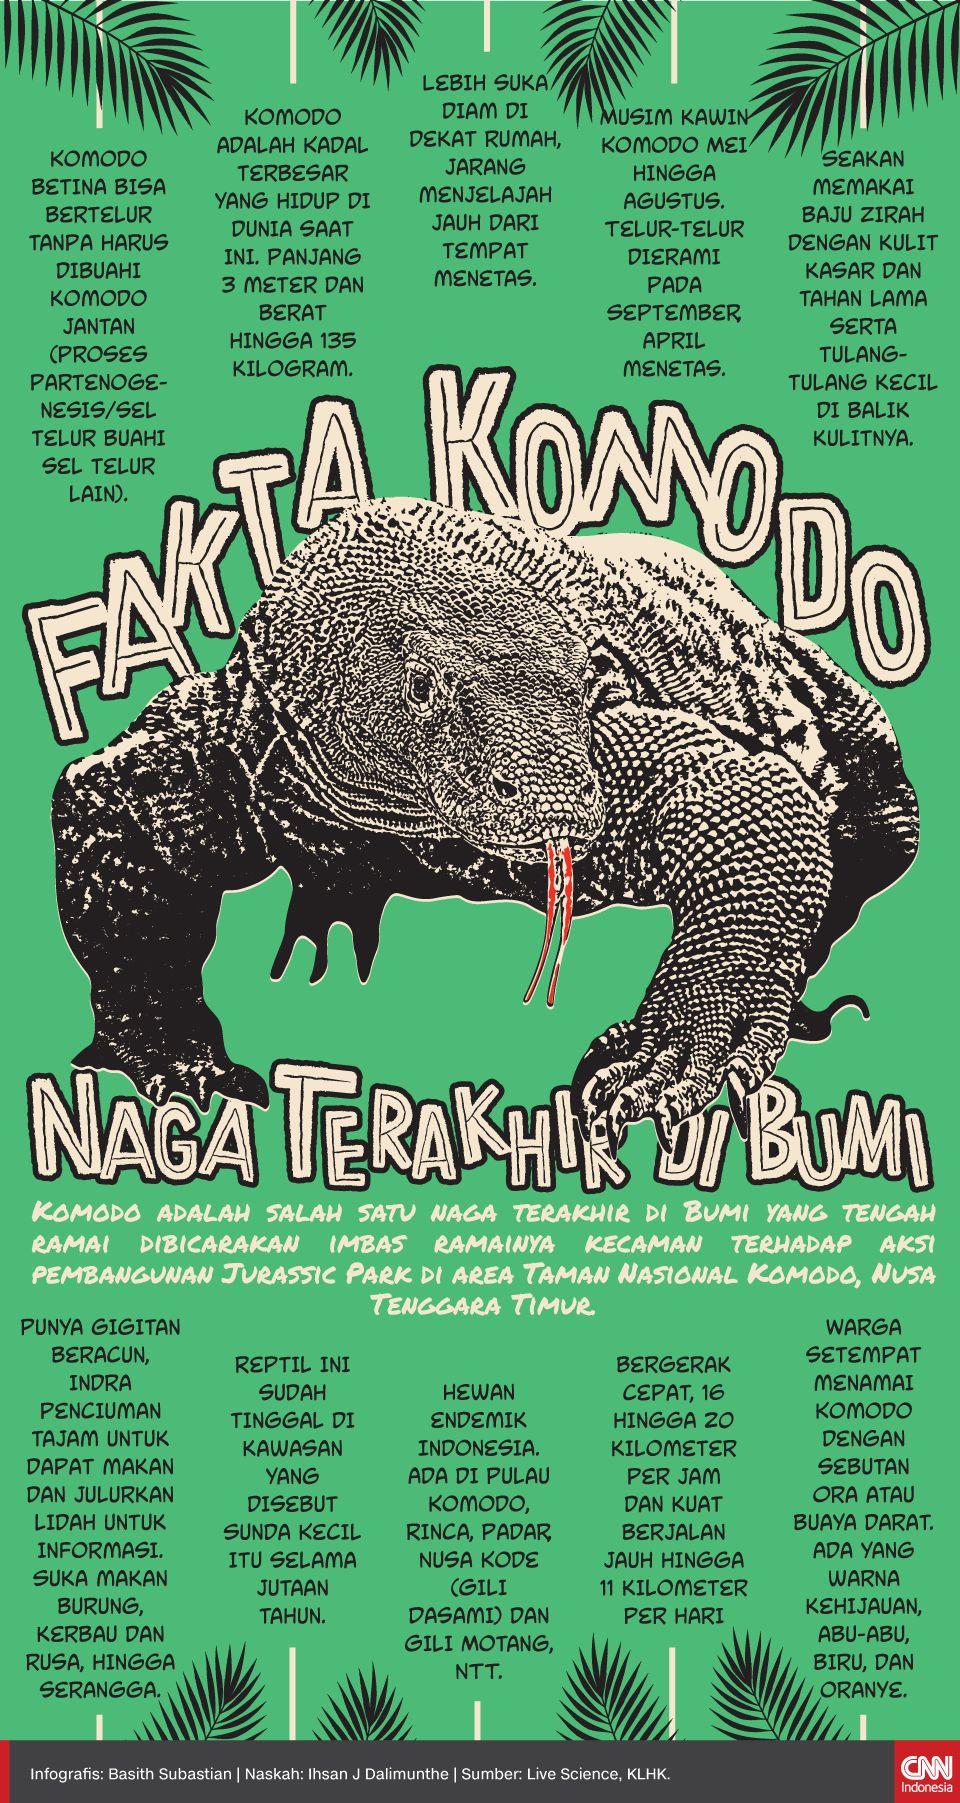 Infografis Fakta Komodo, Naga Terakhir di Bumi